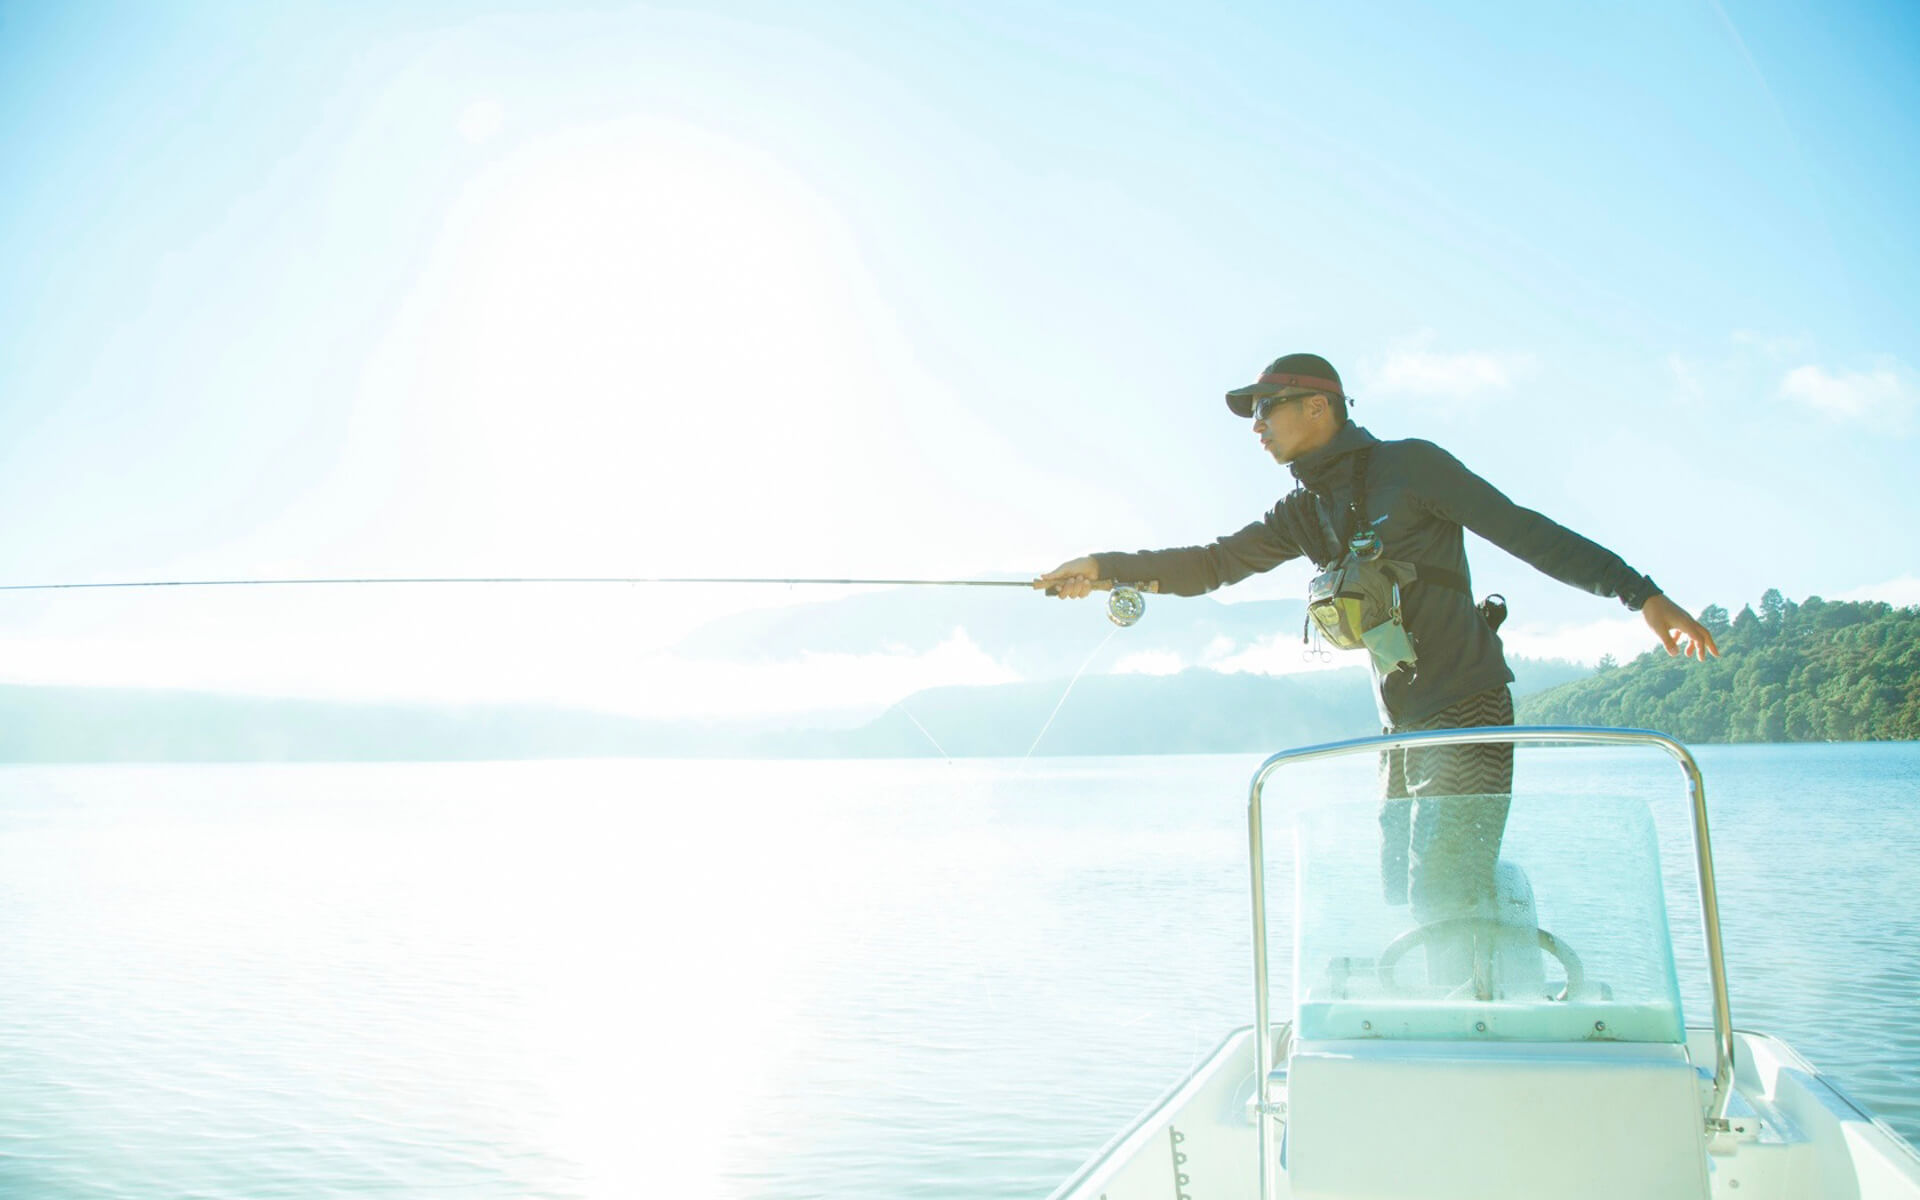 【トークライブ】四角大輔「人生やらなくていいリスト」|元凄腕レコード会社プロデューサーが語る3つのサバイバル術 life-fashion1902-4dsk-report-7